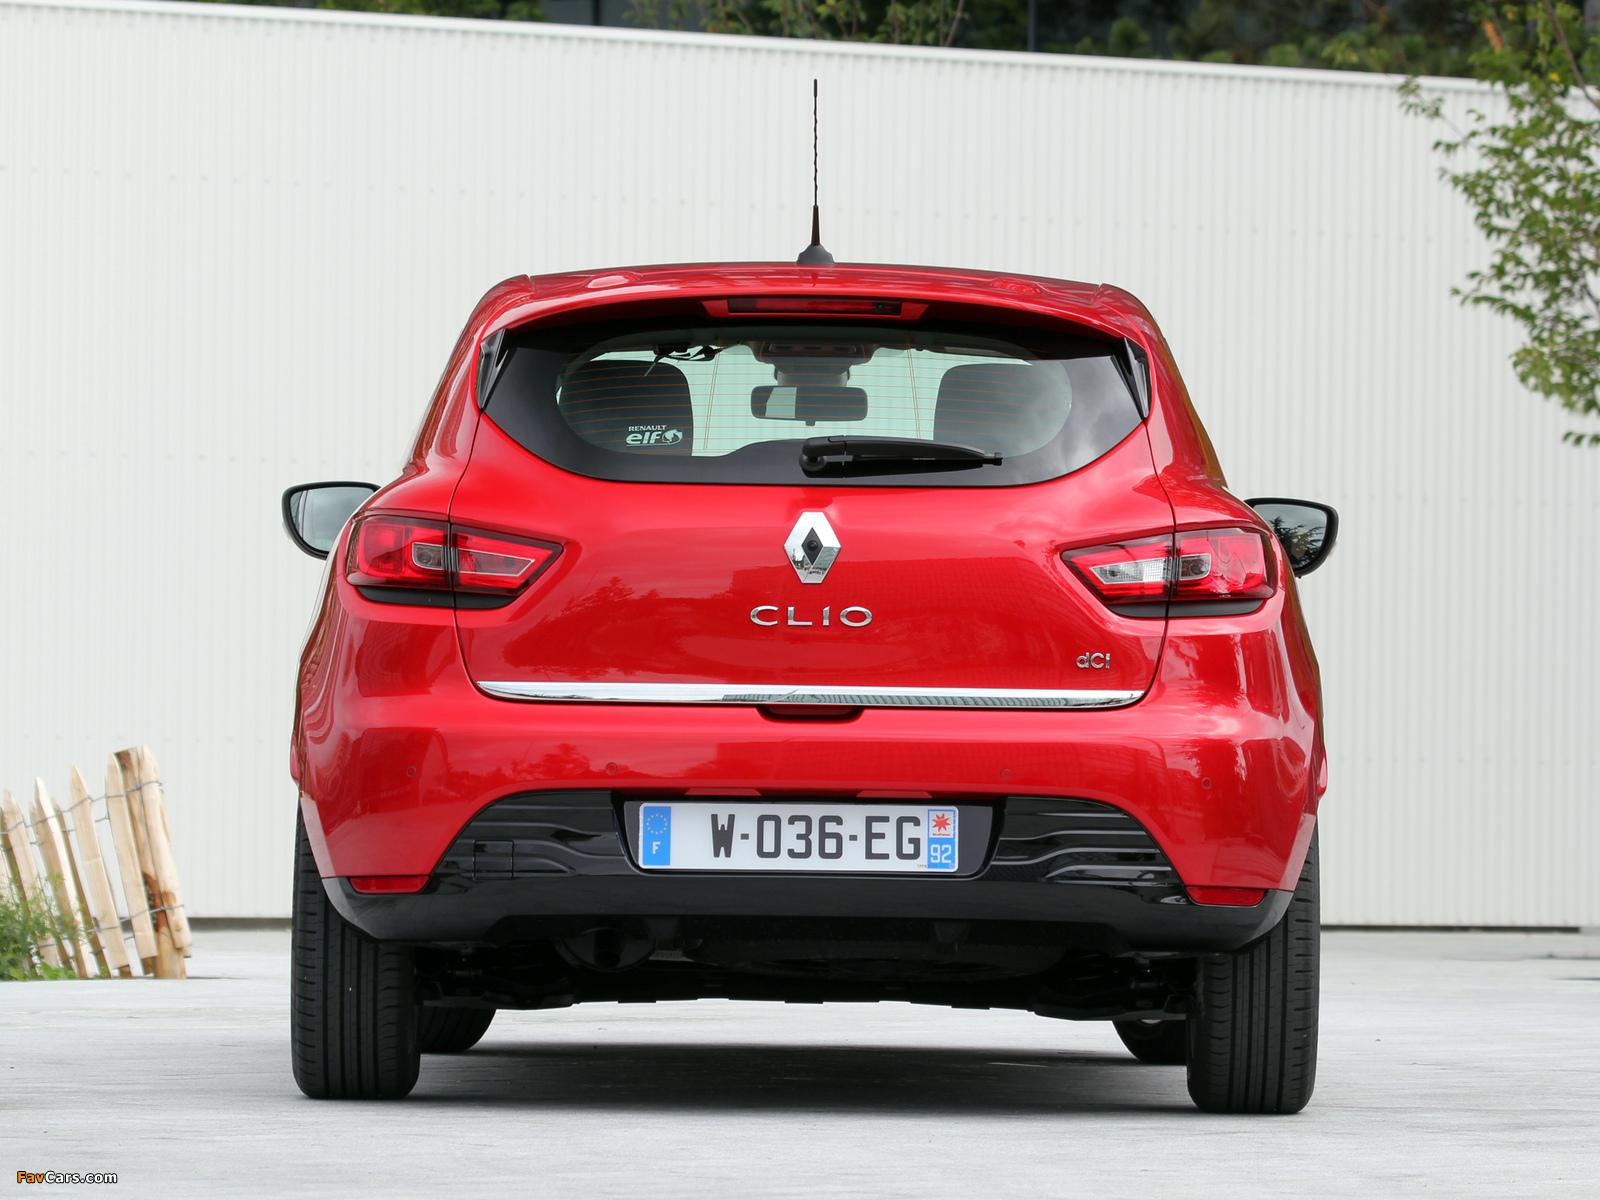 Renault Clio 2012 pictures (1600 x 1200)